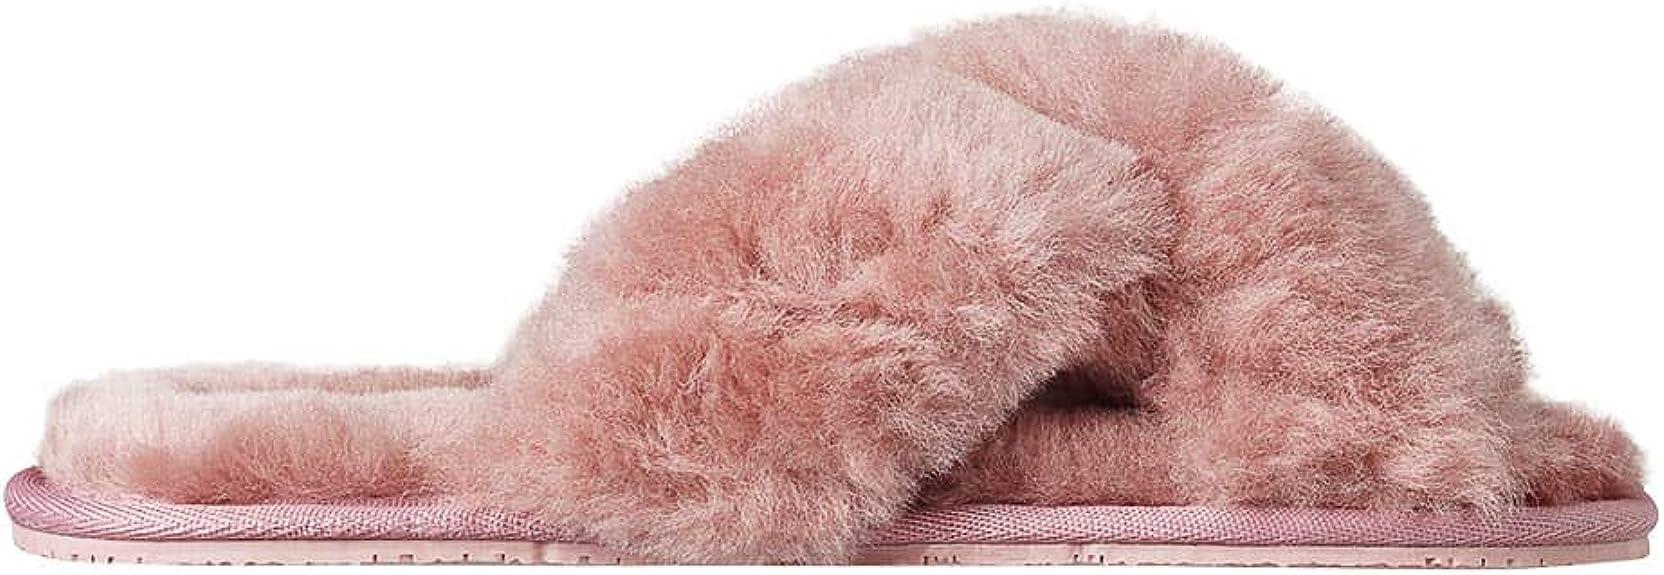 Chausson Femme Mouton Chausson Fourrure Femme soxo Chausson Sandale en Peau De Mouton Pantoufles Chaudes Plusieurs Couleurs